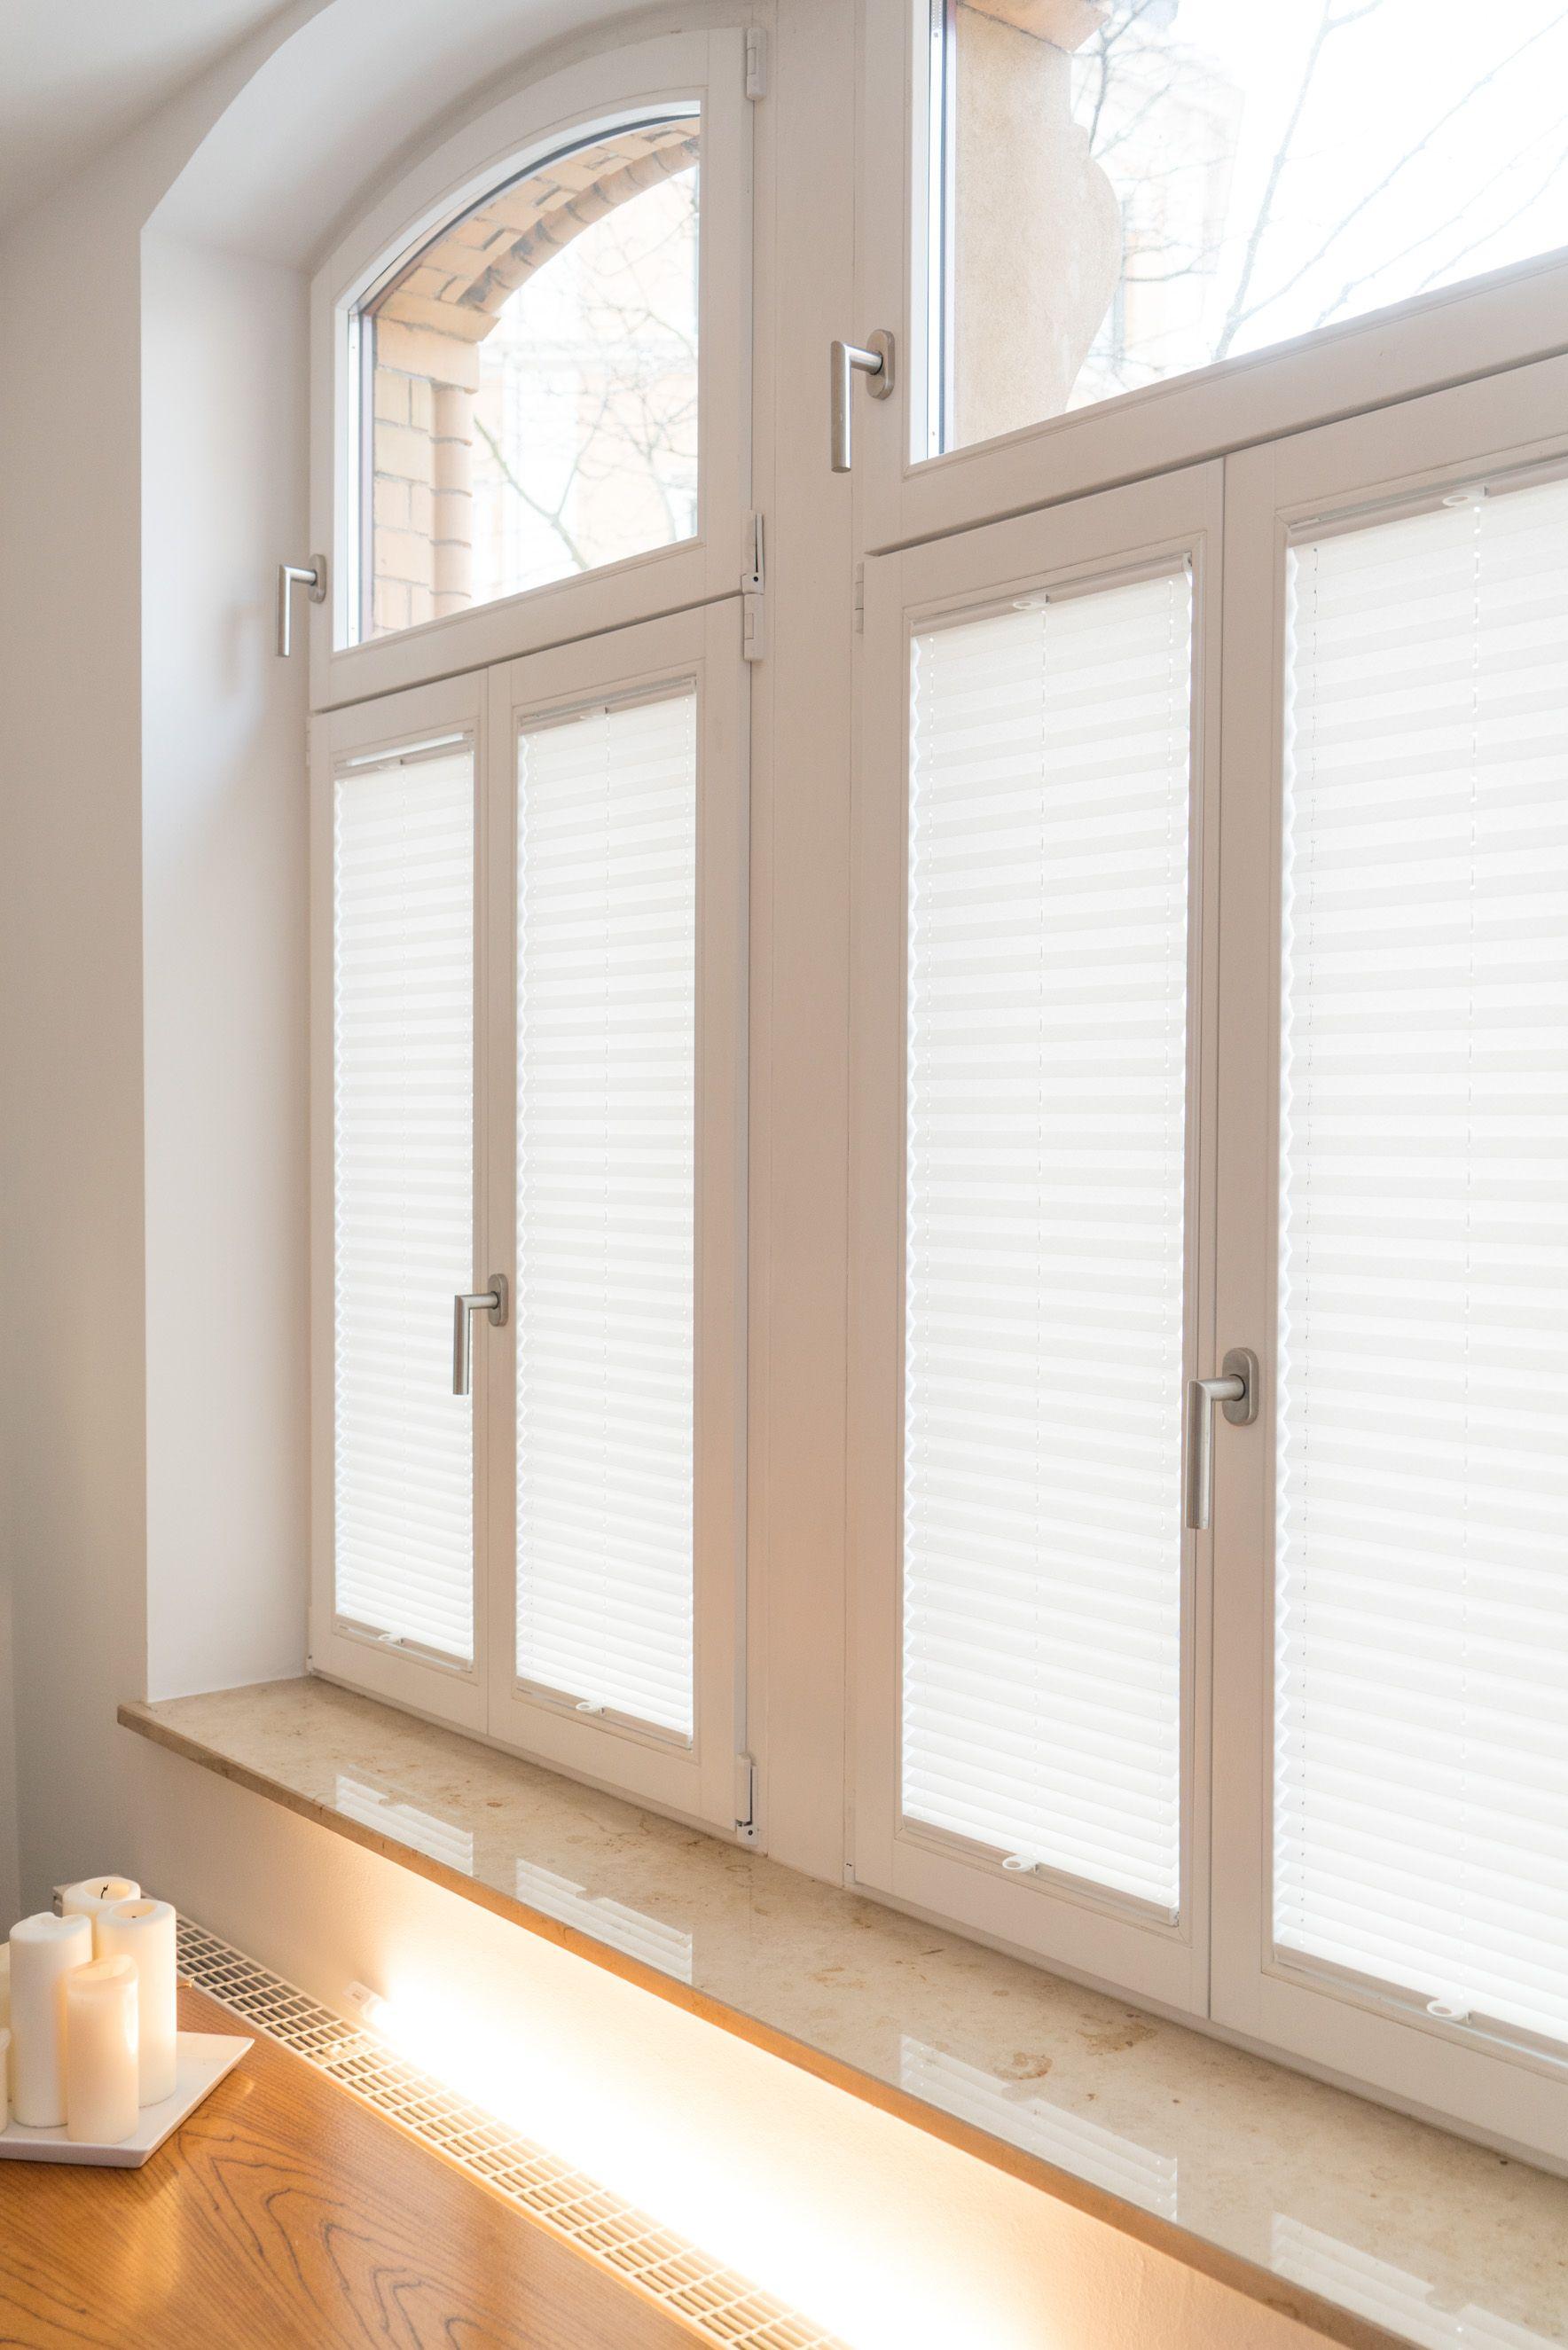 Plissee Fenster Altbau Kerzen Macht Euer Zuhause Schoner Mit Unseren Plissees Altbau Gardinen Altbau Fenster Altbau Modern